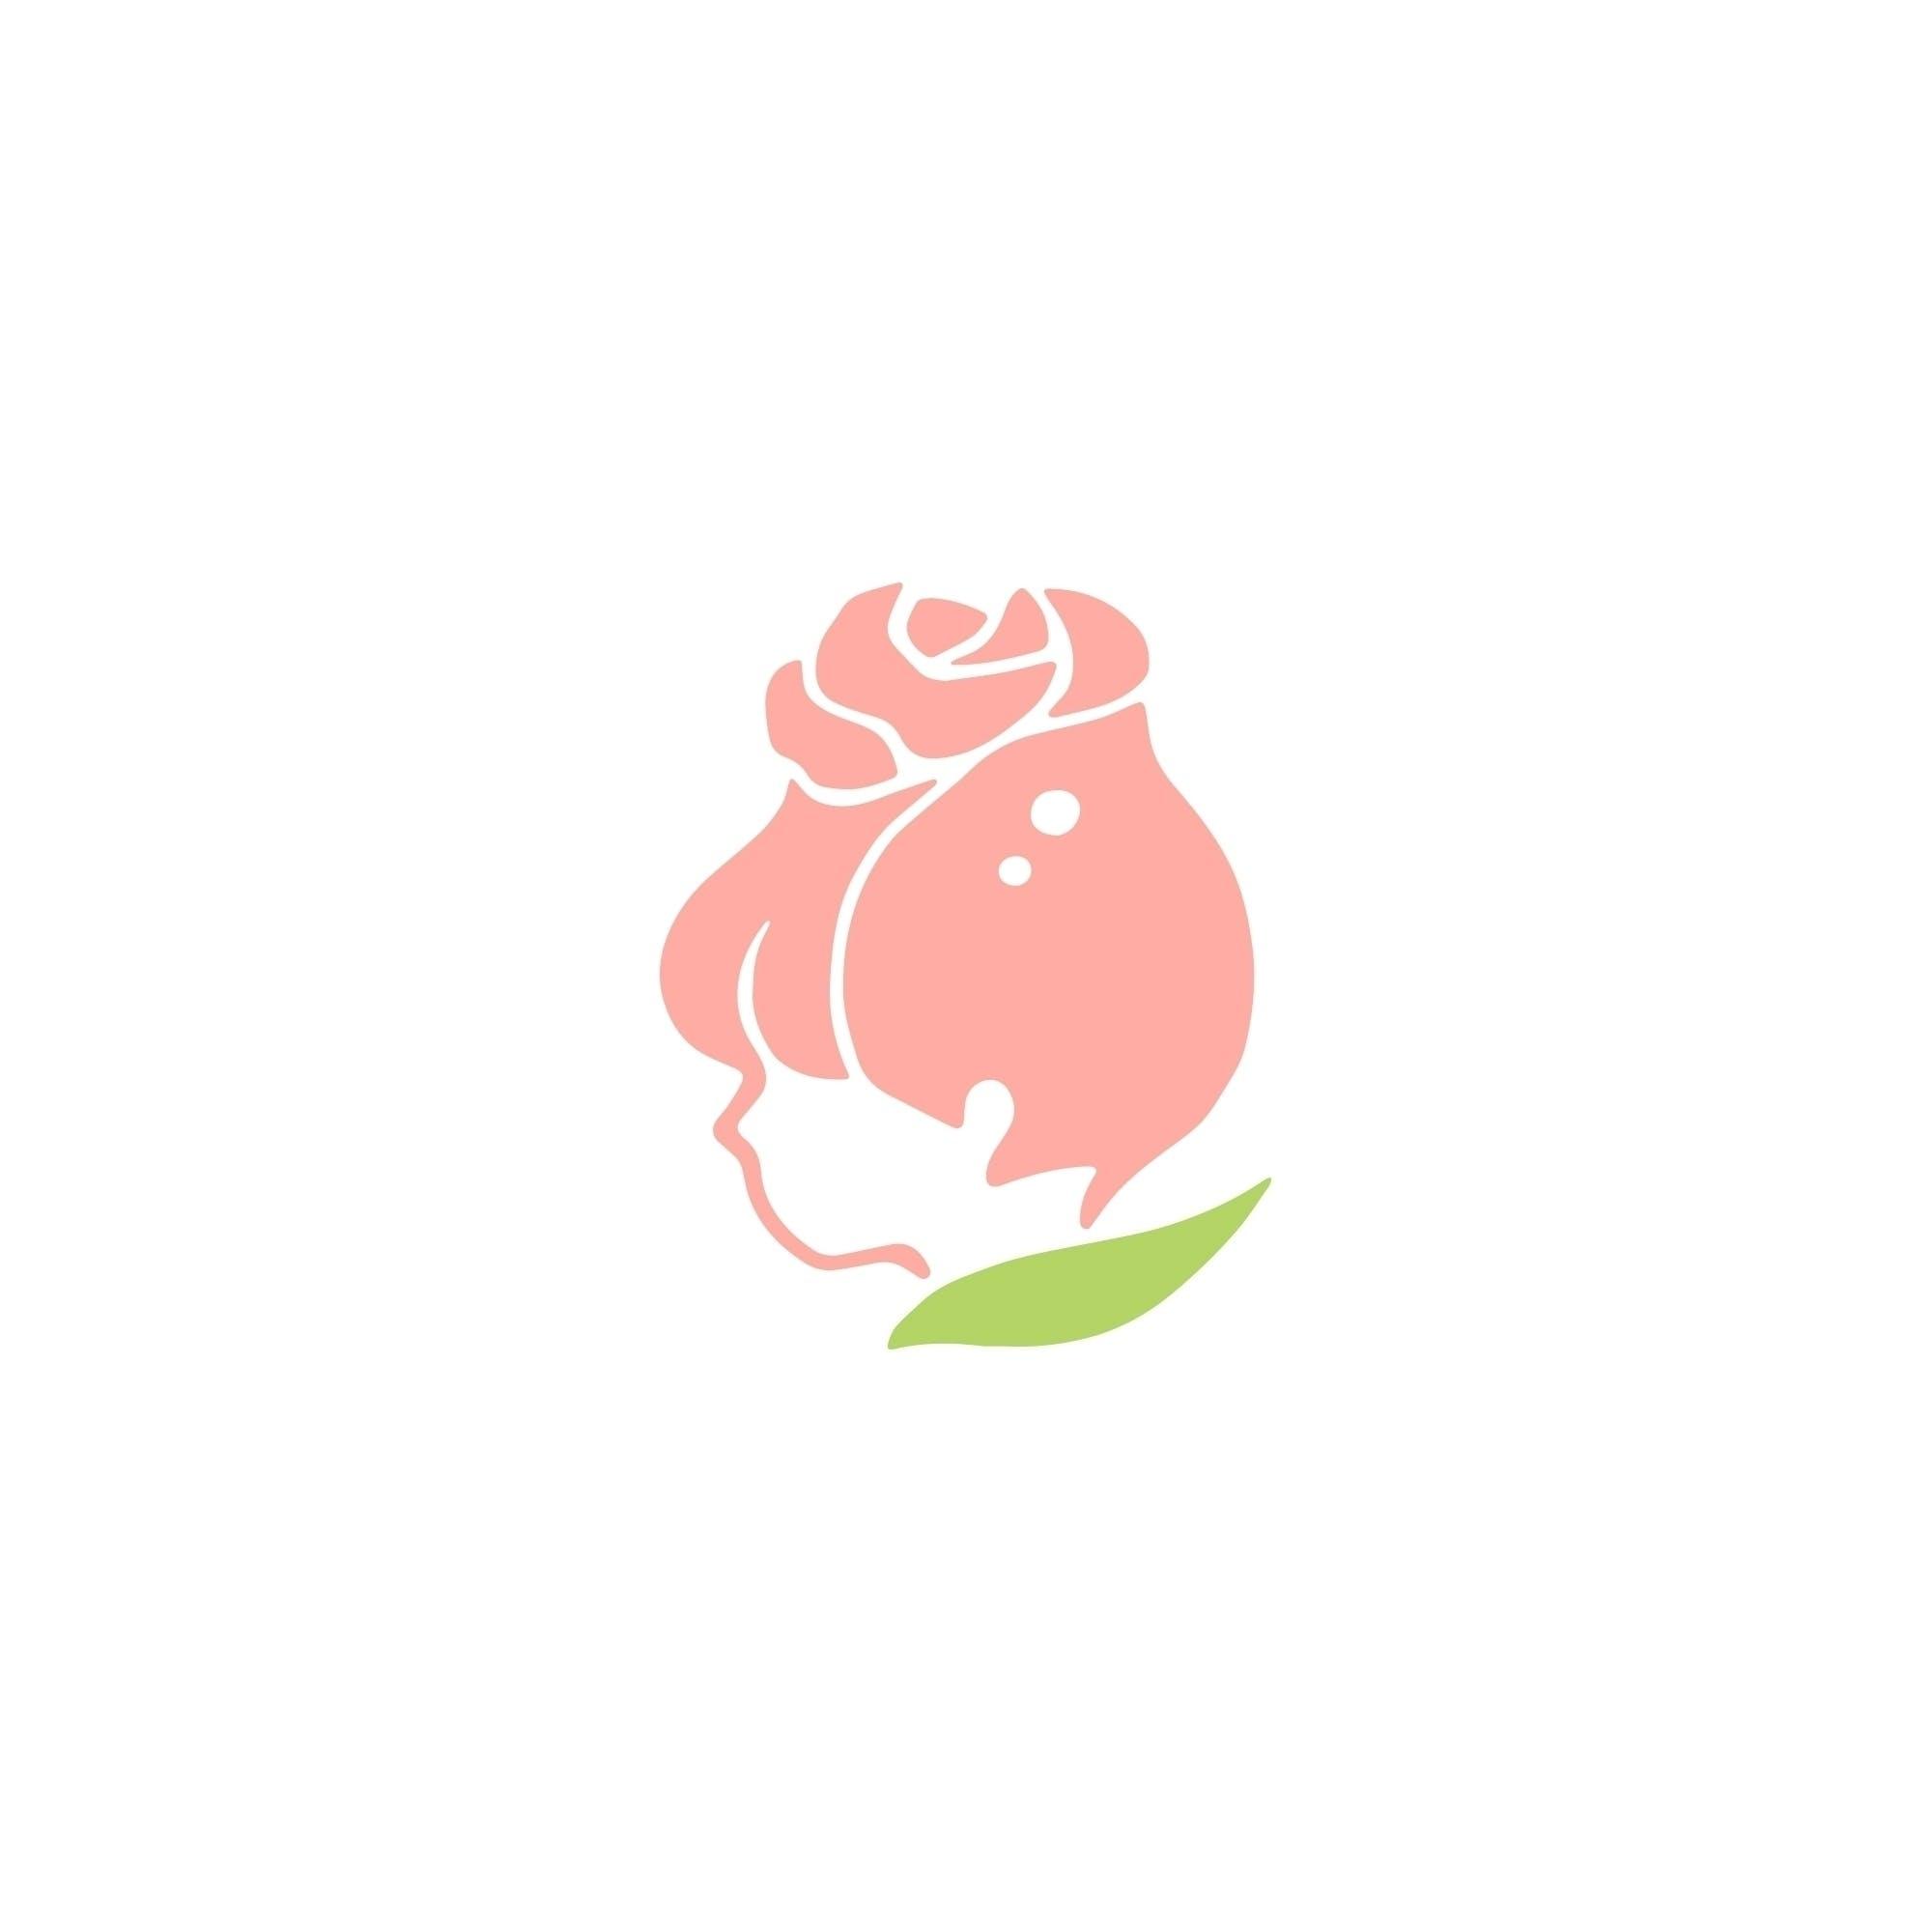 ロゴ完成版 180916 0032